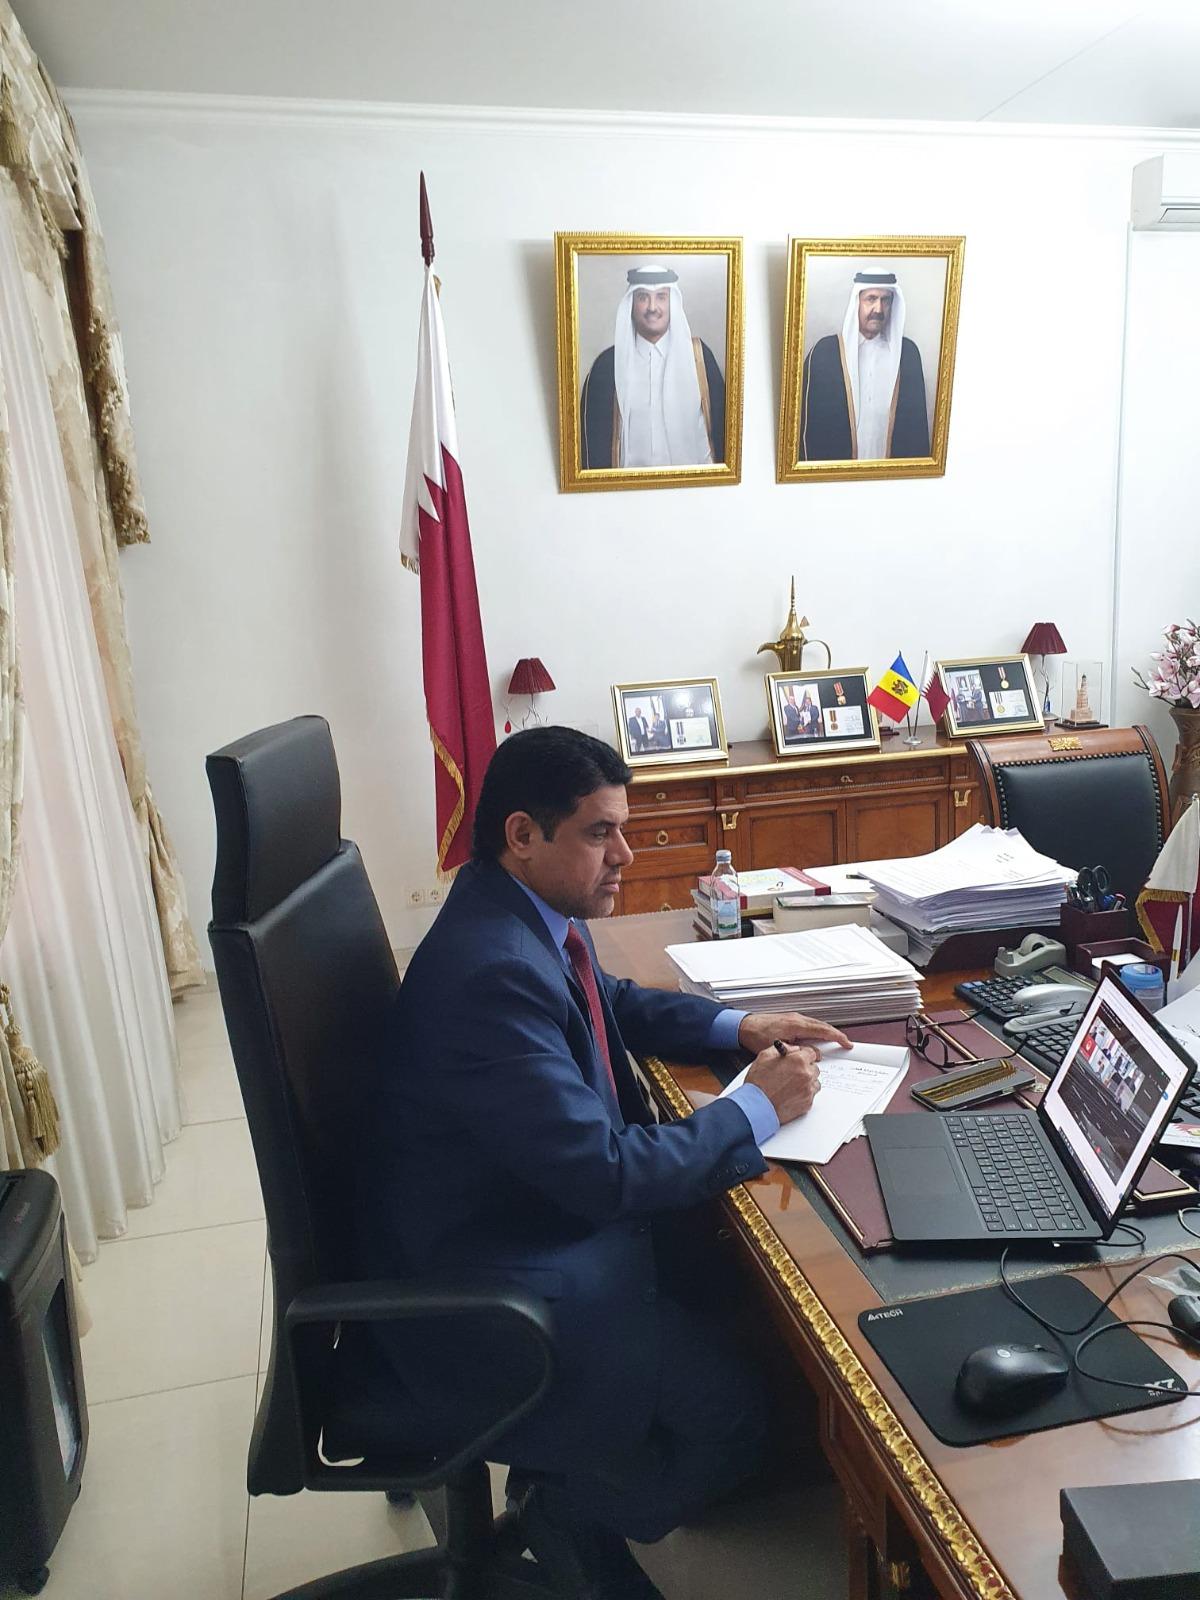 القائم بالأعمال القطري يشارك في اجتماع رئيسة مولدوفا مع رؤساء البعثات الدبلوماسية